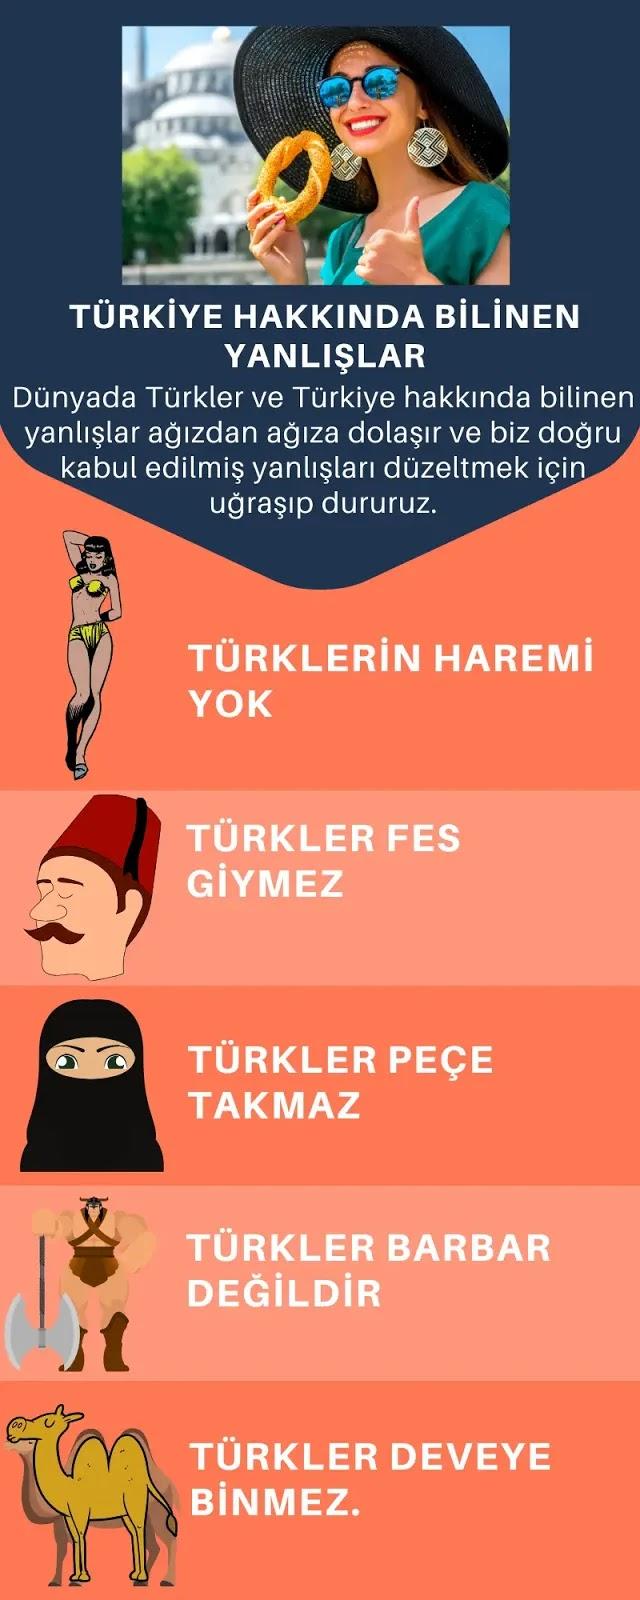 Türkiye Hakkında Bilinen Yanlışlar